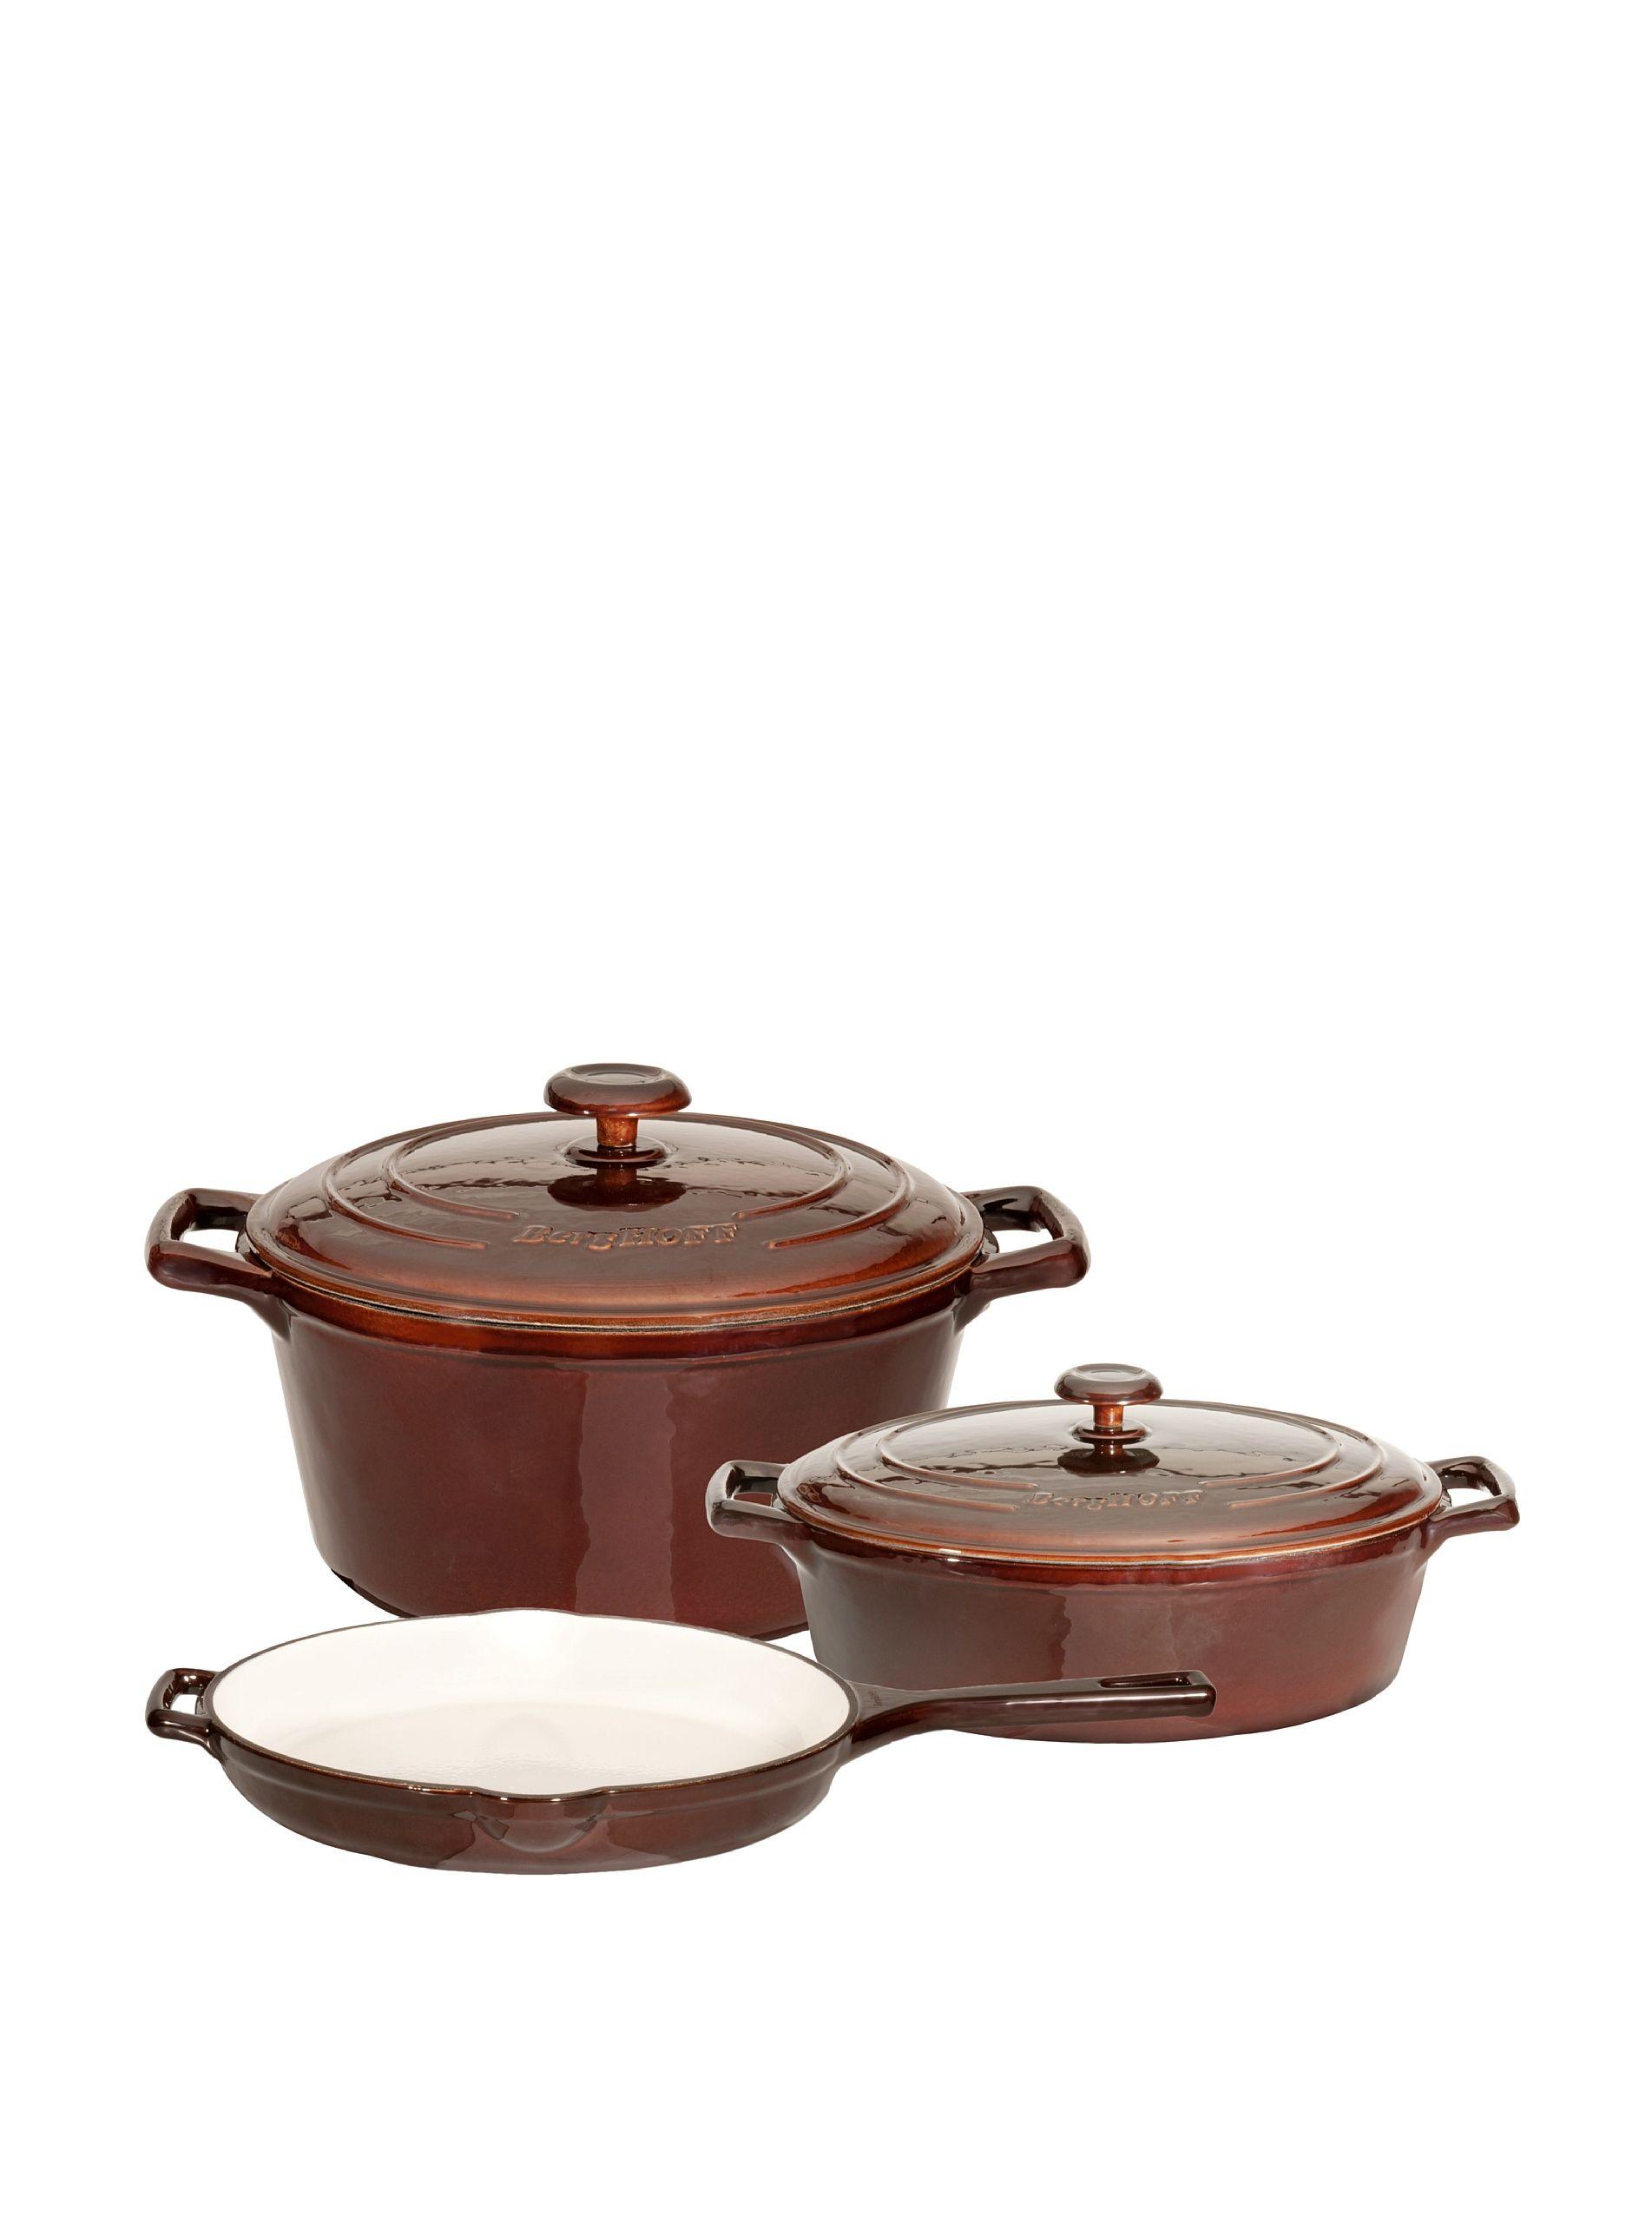 Berghoff neo cast iron 5piece cookware set brown high